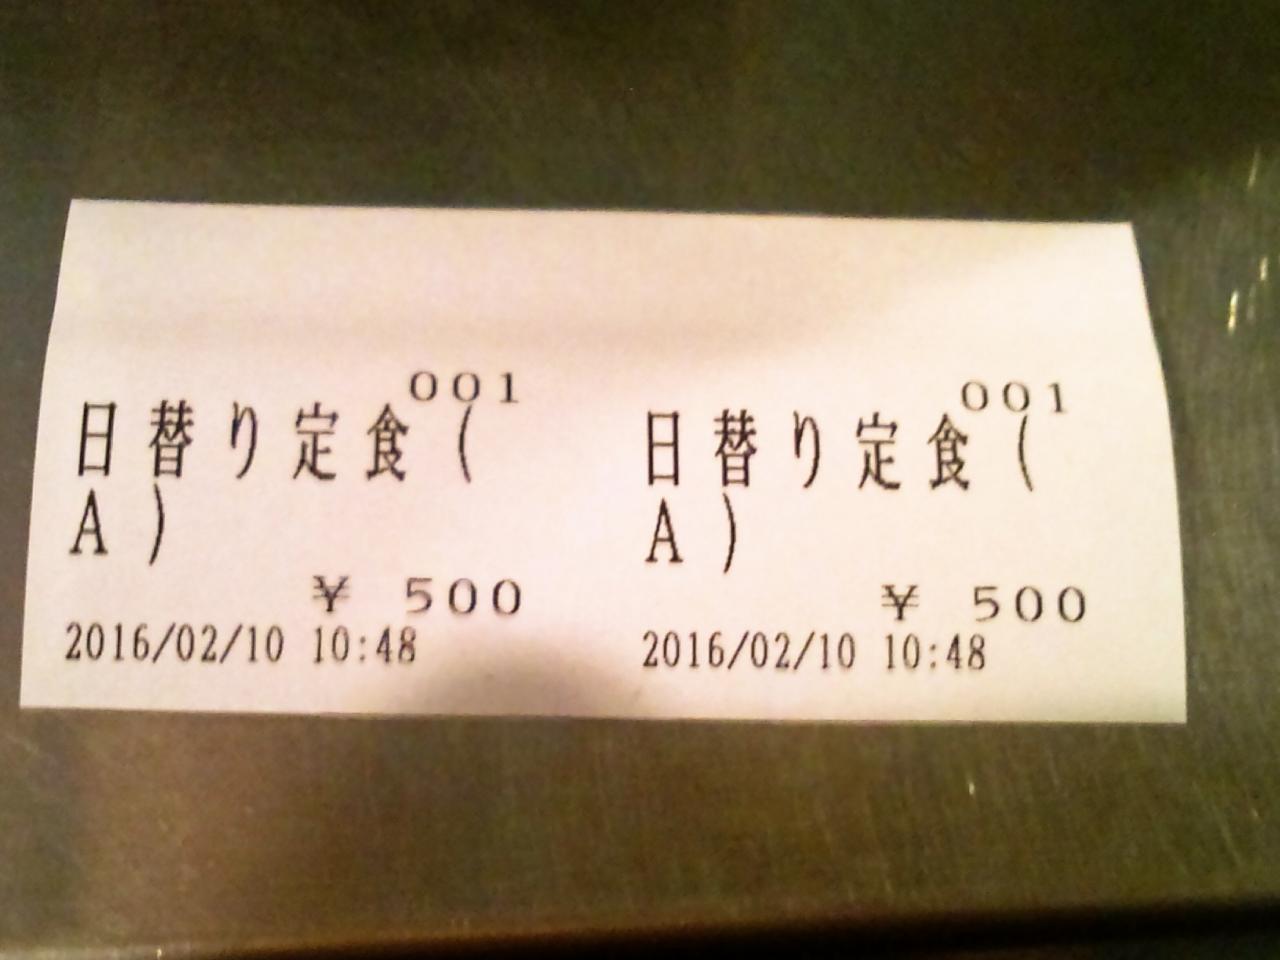 さくら水産 虎の門店(券売機)